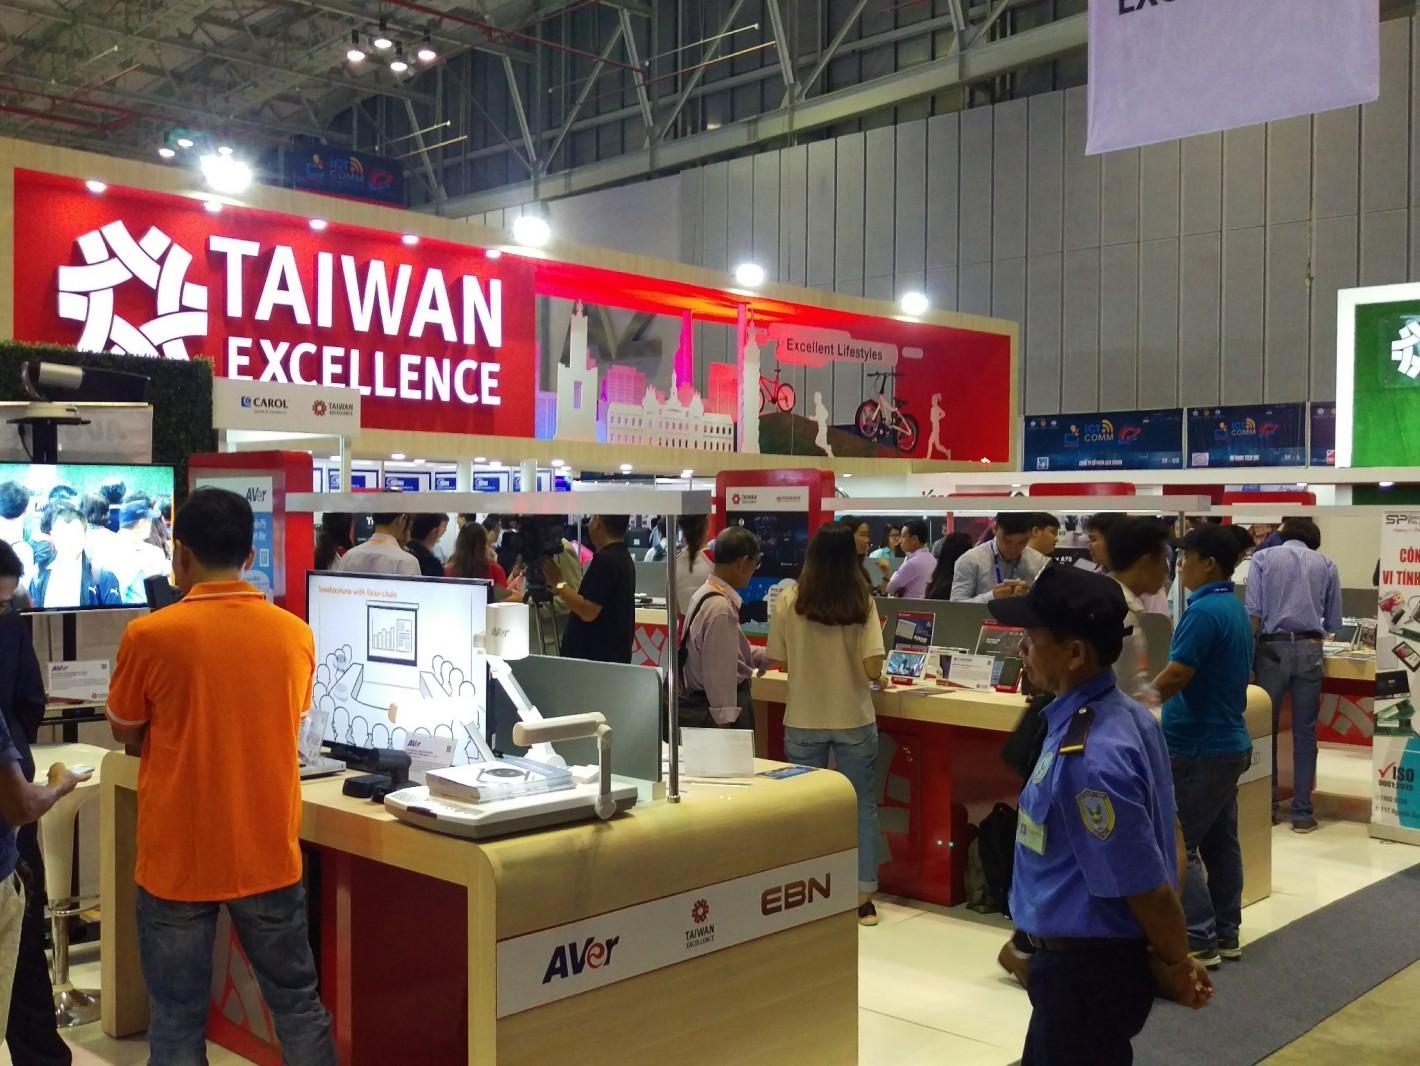 台灣精品館設計亮眼,吸引大批民眾踴躍參觀、人潮不斷。